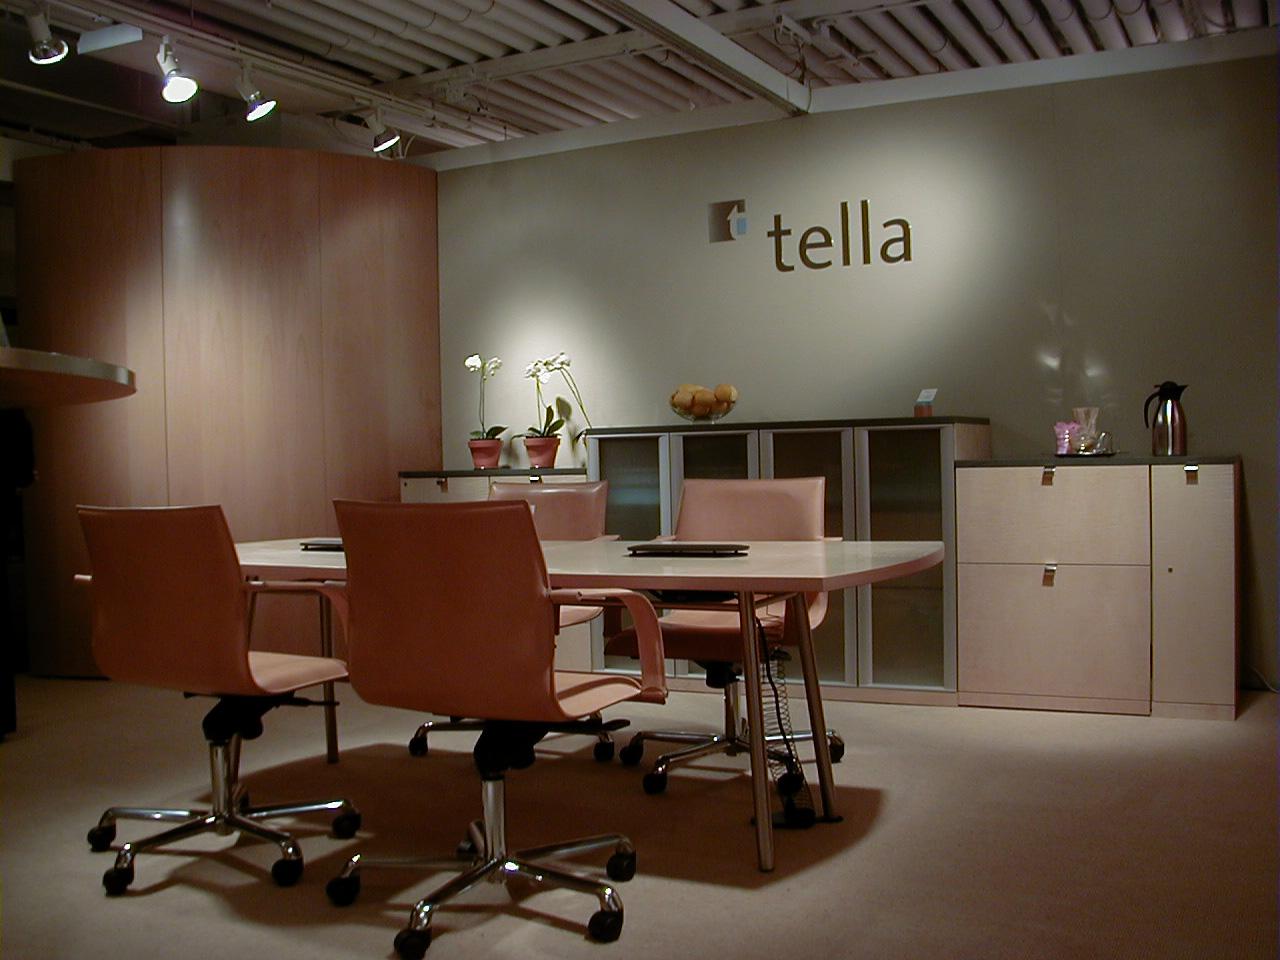 tella displays - 12.png